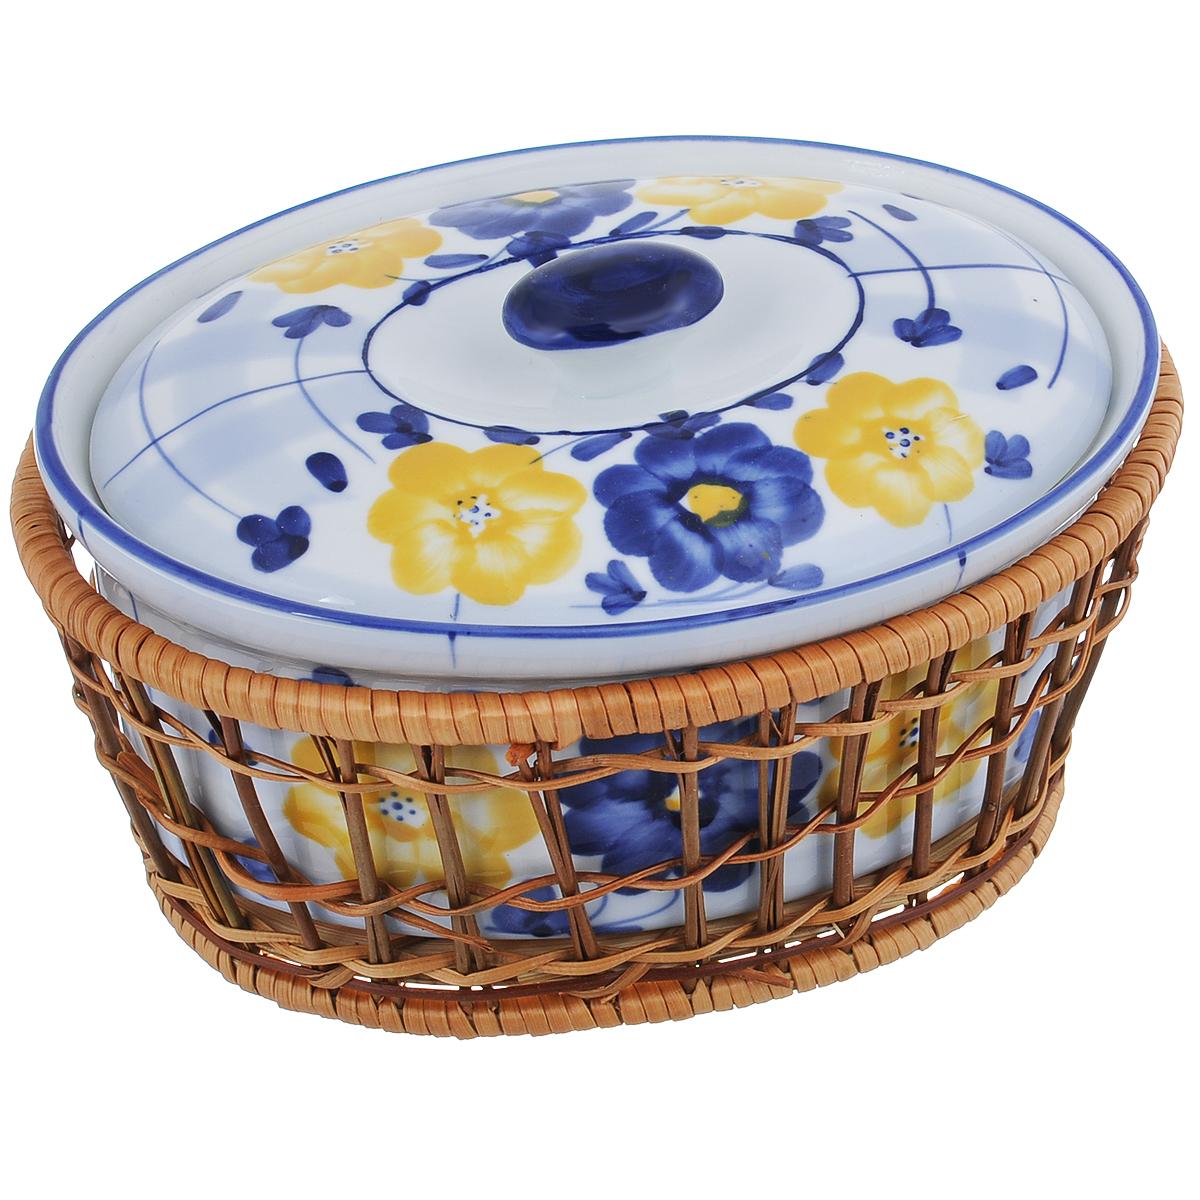 Кастрюля Loraine с крышкой, на подставке, 900 мл372Кастрюля Loraine, изготовленная из жаропрочной керамики, подходит для любого вида пищи. Элегантный дизайн идеально подходит для современного дома. В комплект входит крышка и плетеная корзина-подставка, изготовленная из ротанга.Изделия из керамики идеально подходят как для приготовления пищи, так и для подачи на стол. Материал не содержит свинца и кадмия. С такой кастрюлей вы всегда сможете порадовать своих близких оригинальным блюдом.Изделие можно использовать в духовке и холодильнике. Можно мыть в посудомоечной машине.Высота кастрюли (без учета крышки): 8 см. Толщина стенки: 4 мм. Толщина дна: 4 мм. Размер по верхнему краю: 19,5 см х 15 см. Размер основания: 16,5 см х 11,5 см. Размер корзинки: 20 см х 15 см х 8 см.